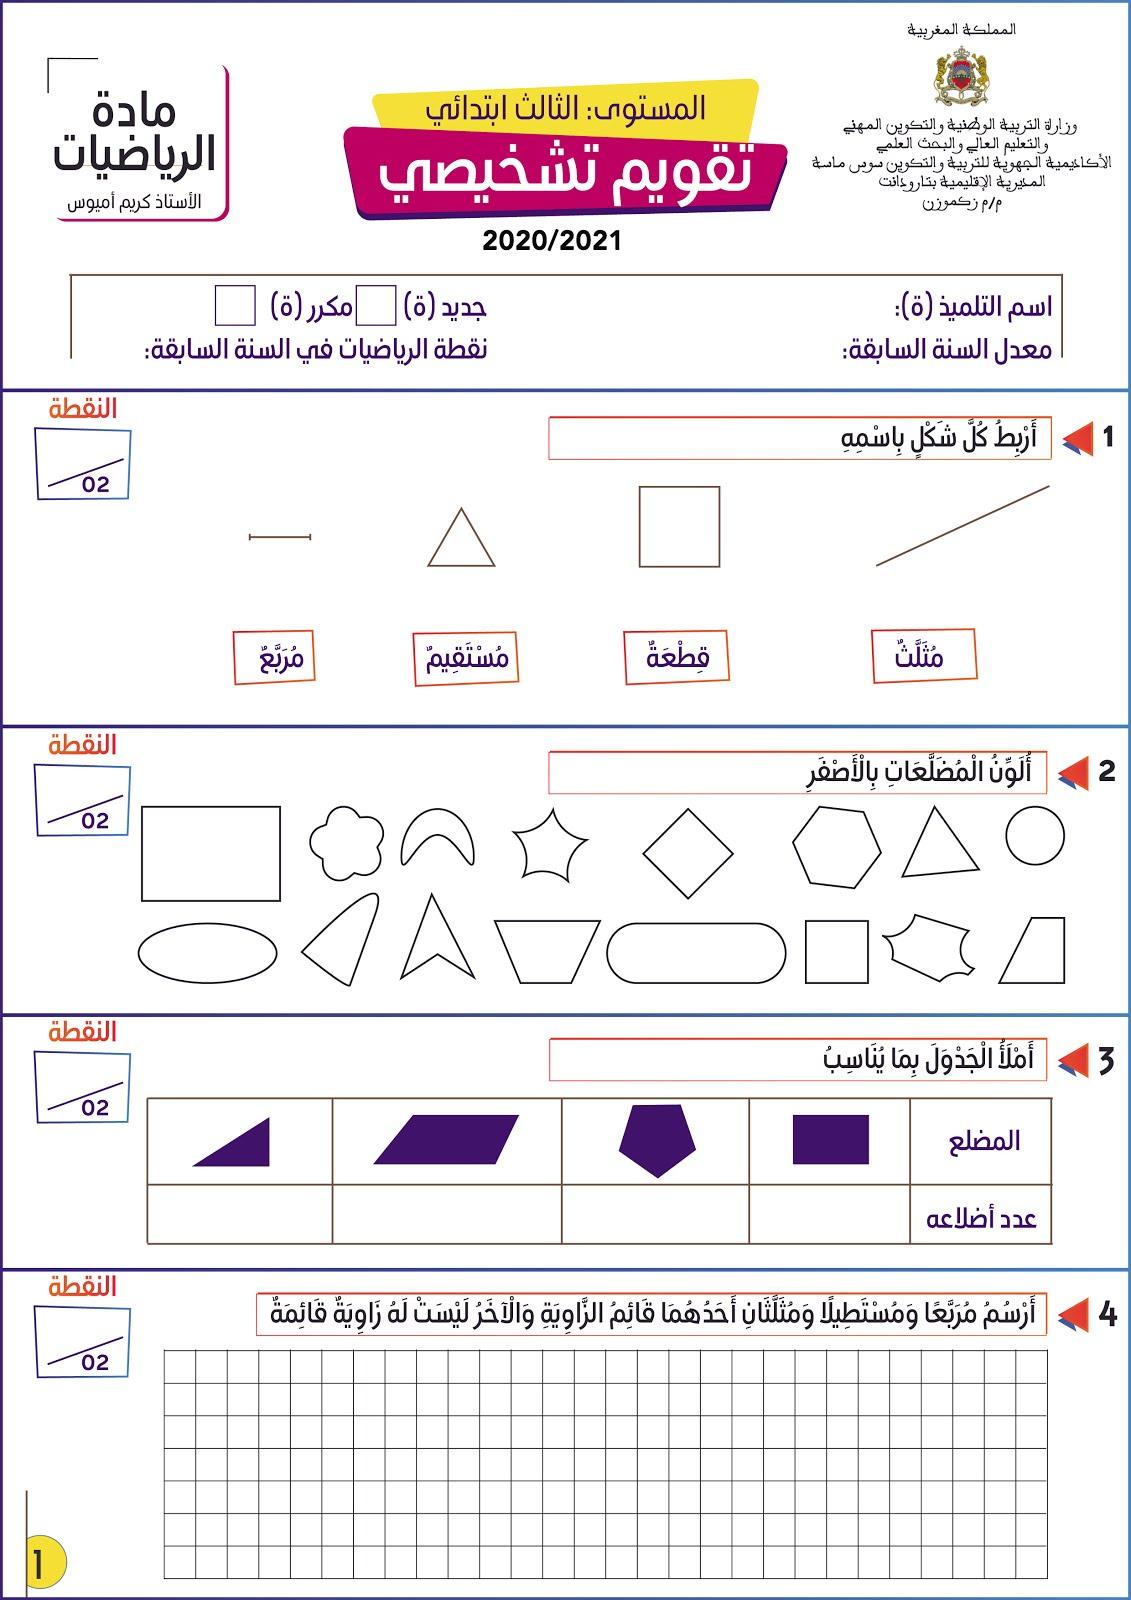 نموذج تقويم تشخيصي في مادة الرياضيات للمستوى الثالث ابتدائي2020/2021